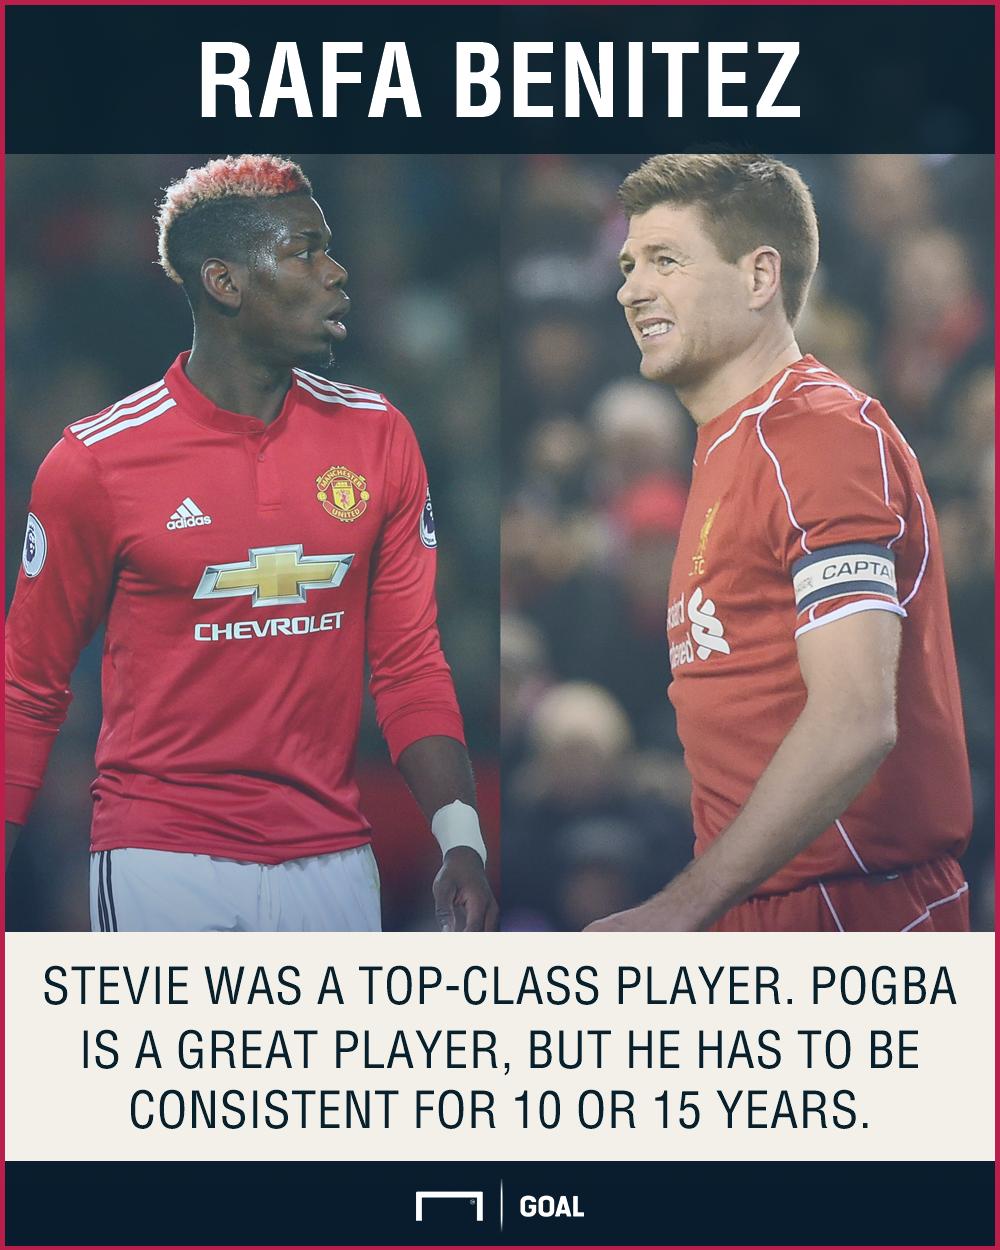 Paul Pogba Steven Gerrard Rafa Benitez top class